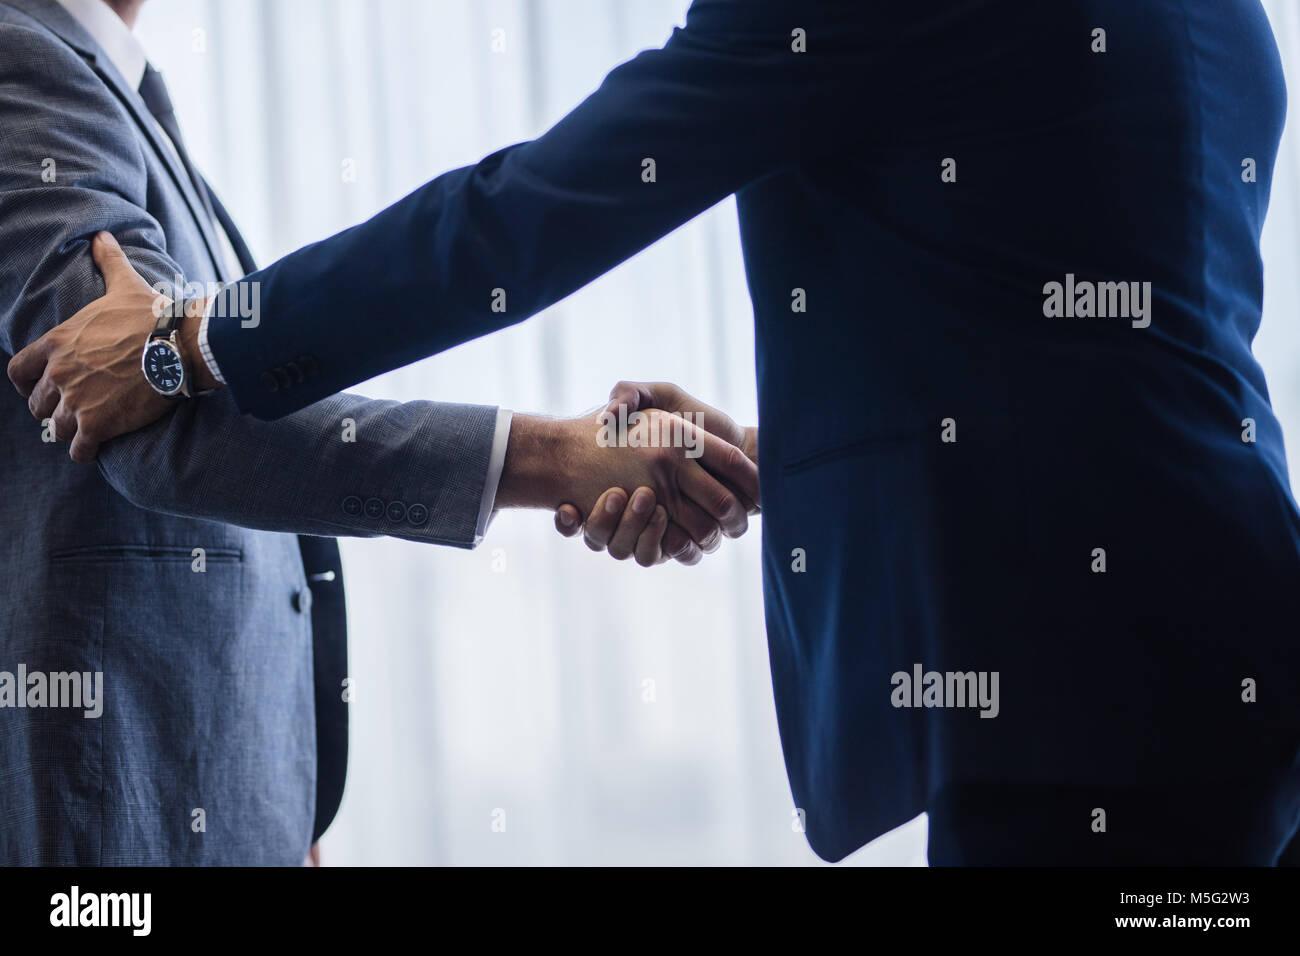 Anspruchsvolle Geschäftsleute Händeschütteln mit einander nach einem Abkommen. Geschäftsleute, Stockbild